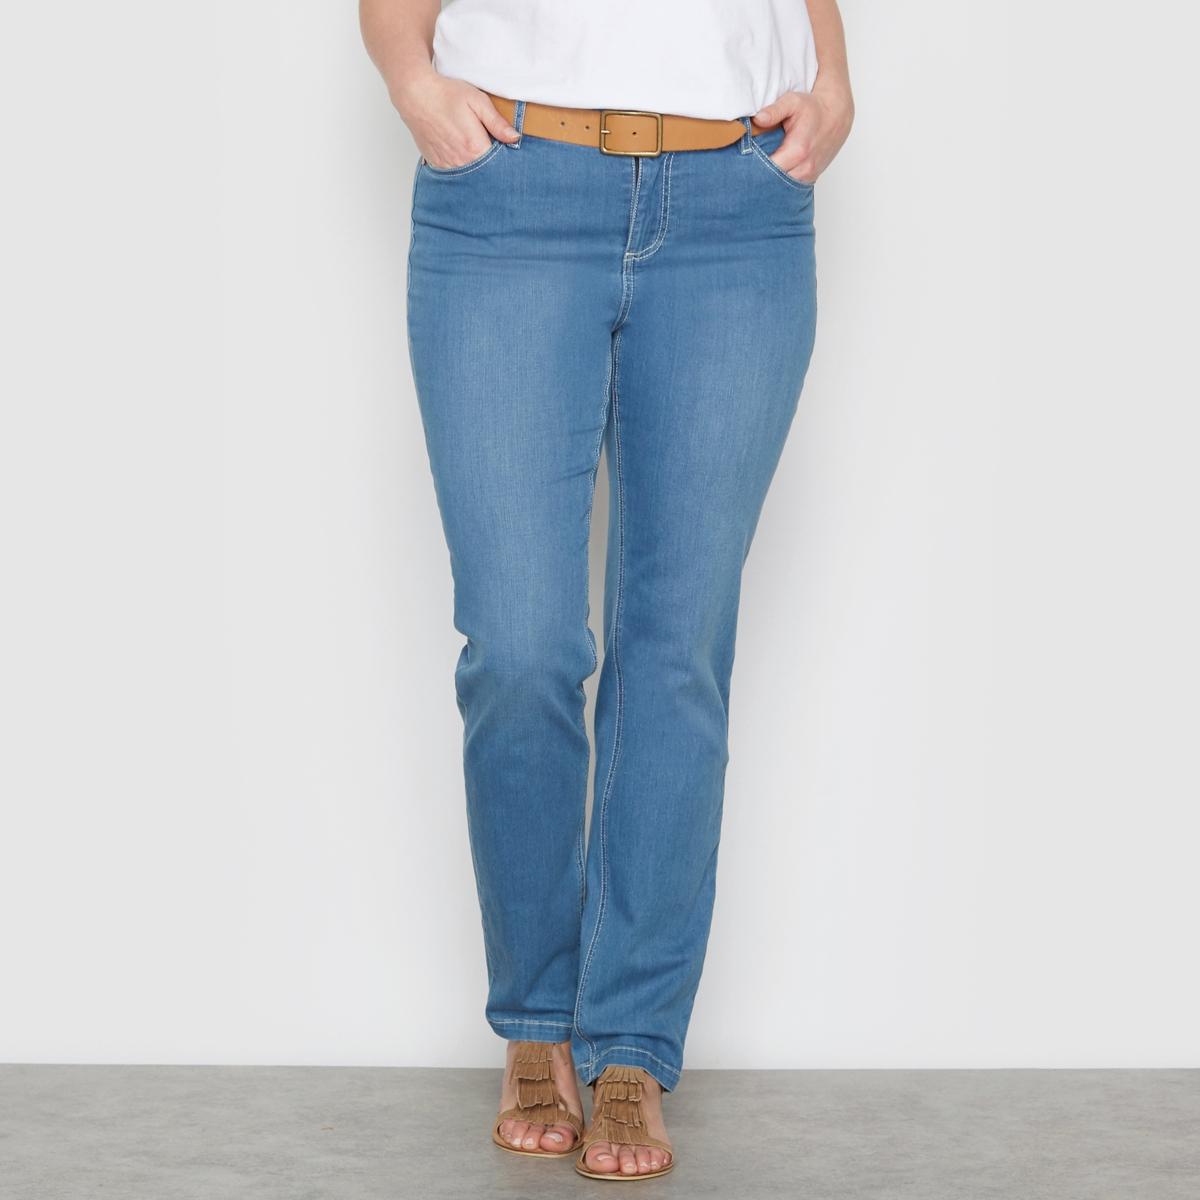 Джинсы стретч бойфренд, длина по внутр.шву ок. 78 смПодчеркивается талия, бедра, ягодицы зрительно округляются: джинсы стретч бойфренд отлично сидят и чрезвычайно удобны! Расклешенный низ. 5 карманов.Рост от 1 м 65 см: длина по внутр.шву ок. 78 см.<br><br>Цвет: голубой потертый,синий потертый,темно-синий,черный<br>Размер: 50 (FR) - 56 (RUS).54 (FR) - 60 (RUS).50 (FR) - 56 (RUS).56 (FR) - 62 (RUS).46 (FR) - 52 (RUS).52 (FR) - 58 (RUS).56 (FR) - 62 (RUS).54 (FR) - 60 (RUS).54 (FR) - 60 (RUS).44 (FR) - 50 (RUS).44 (FR) - 50 (RUS)